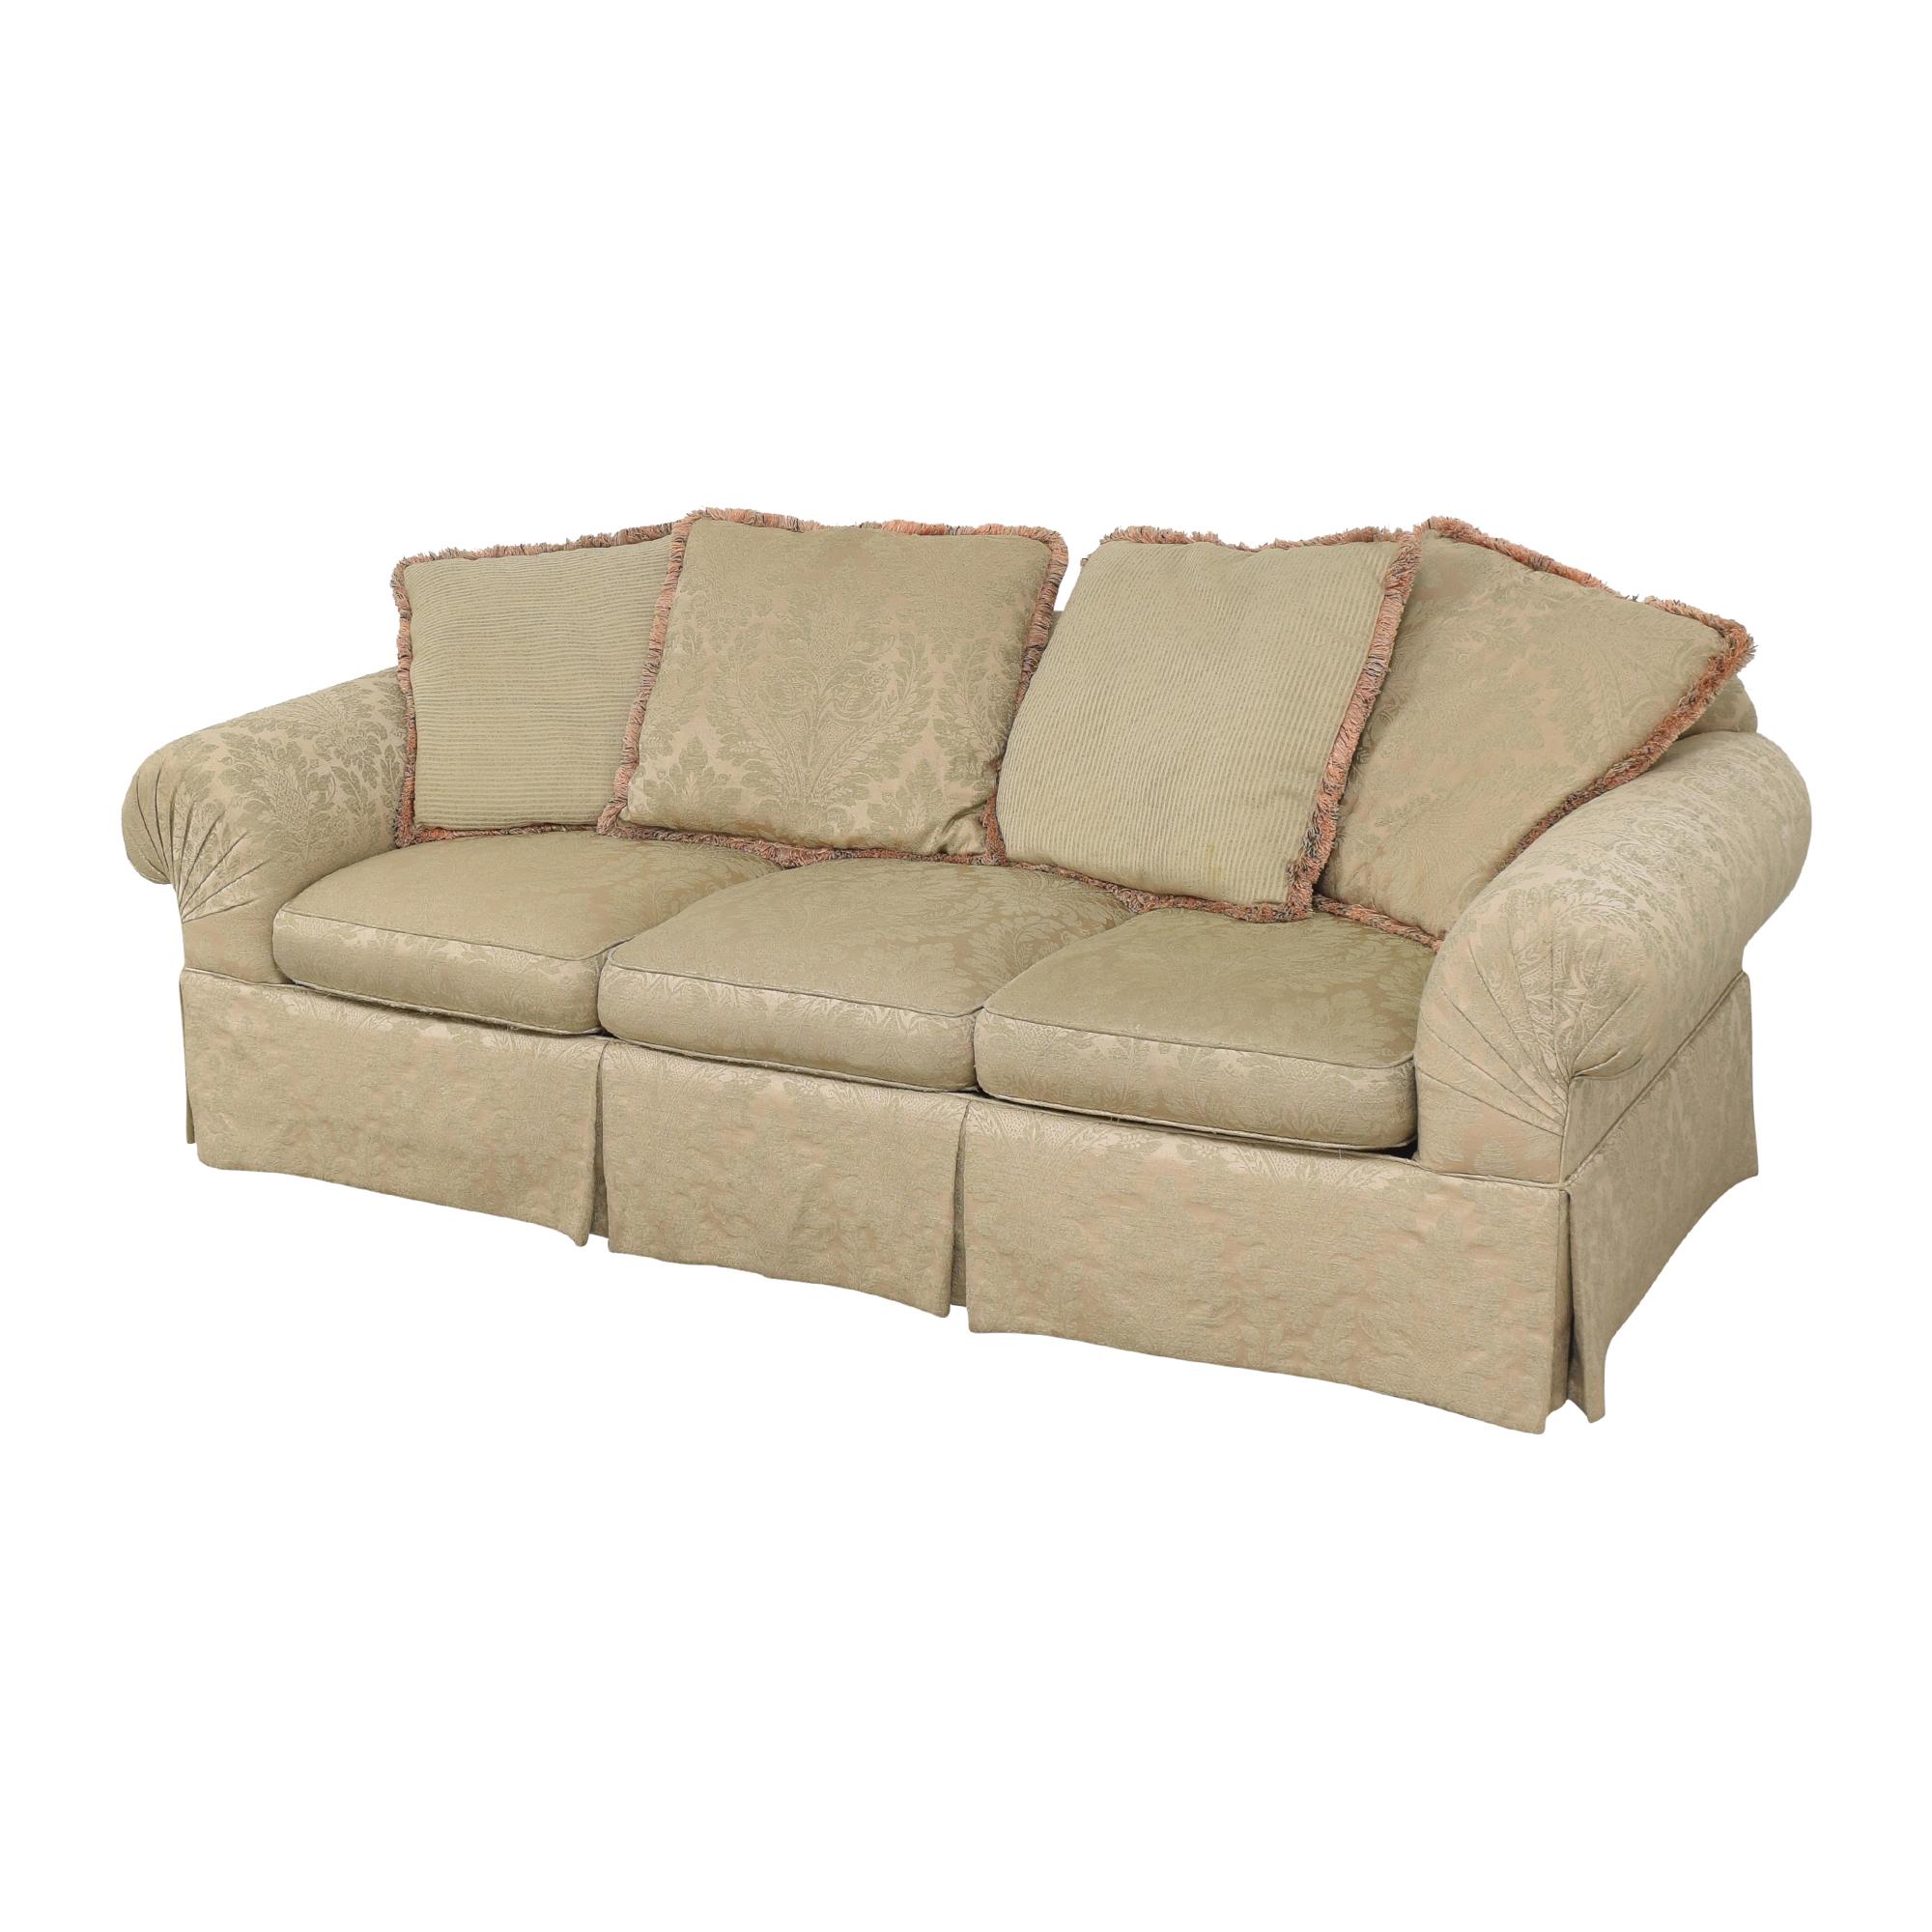 buy Lexington Furniture Skirted Roll Arm Sofa Lexington Furniture Sofas